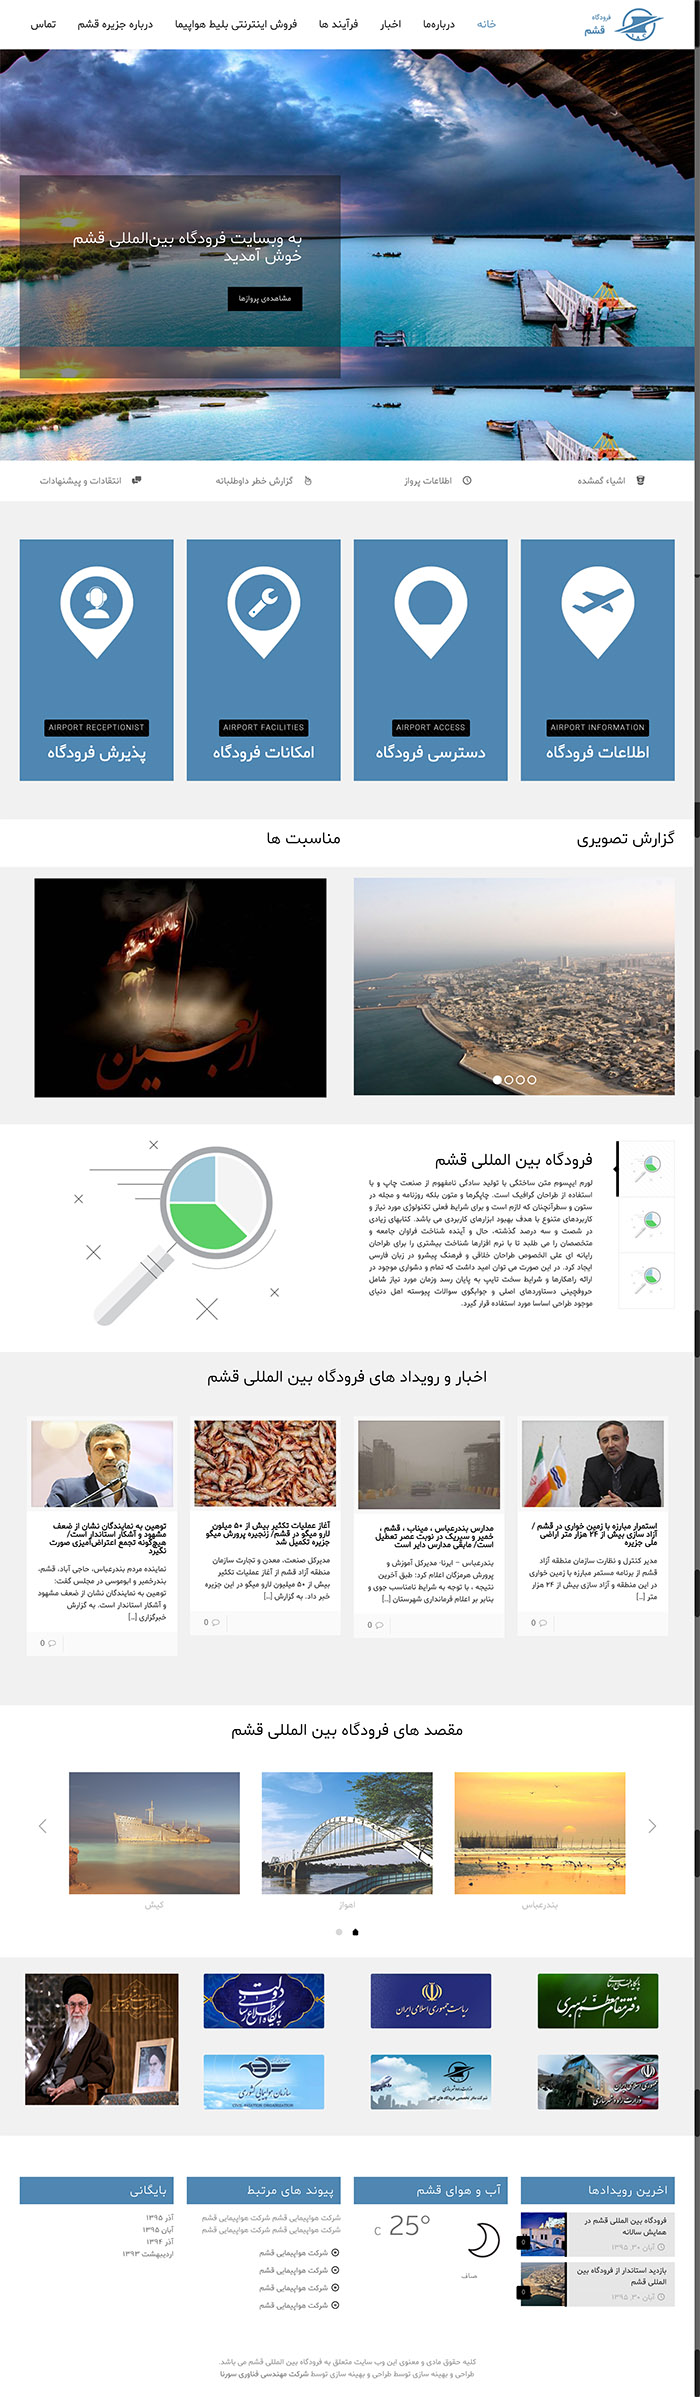 طراحی وبسایت فرودگاه بین المللی قشم توسط شرکت طراحی سایت سورنا در کرمان